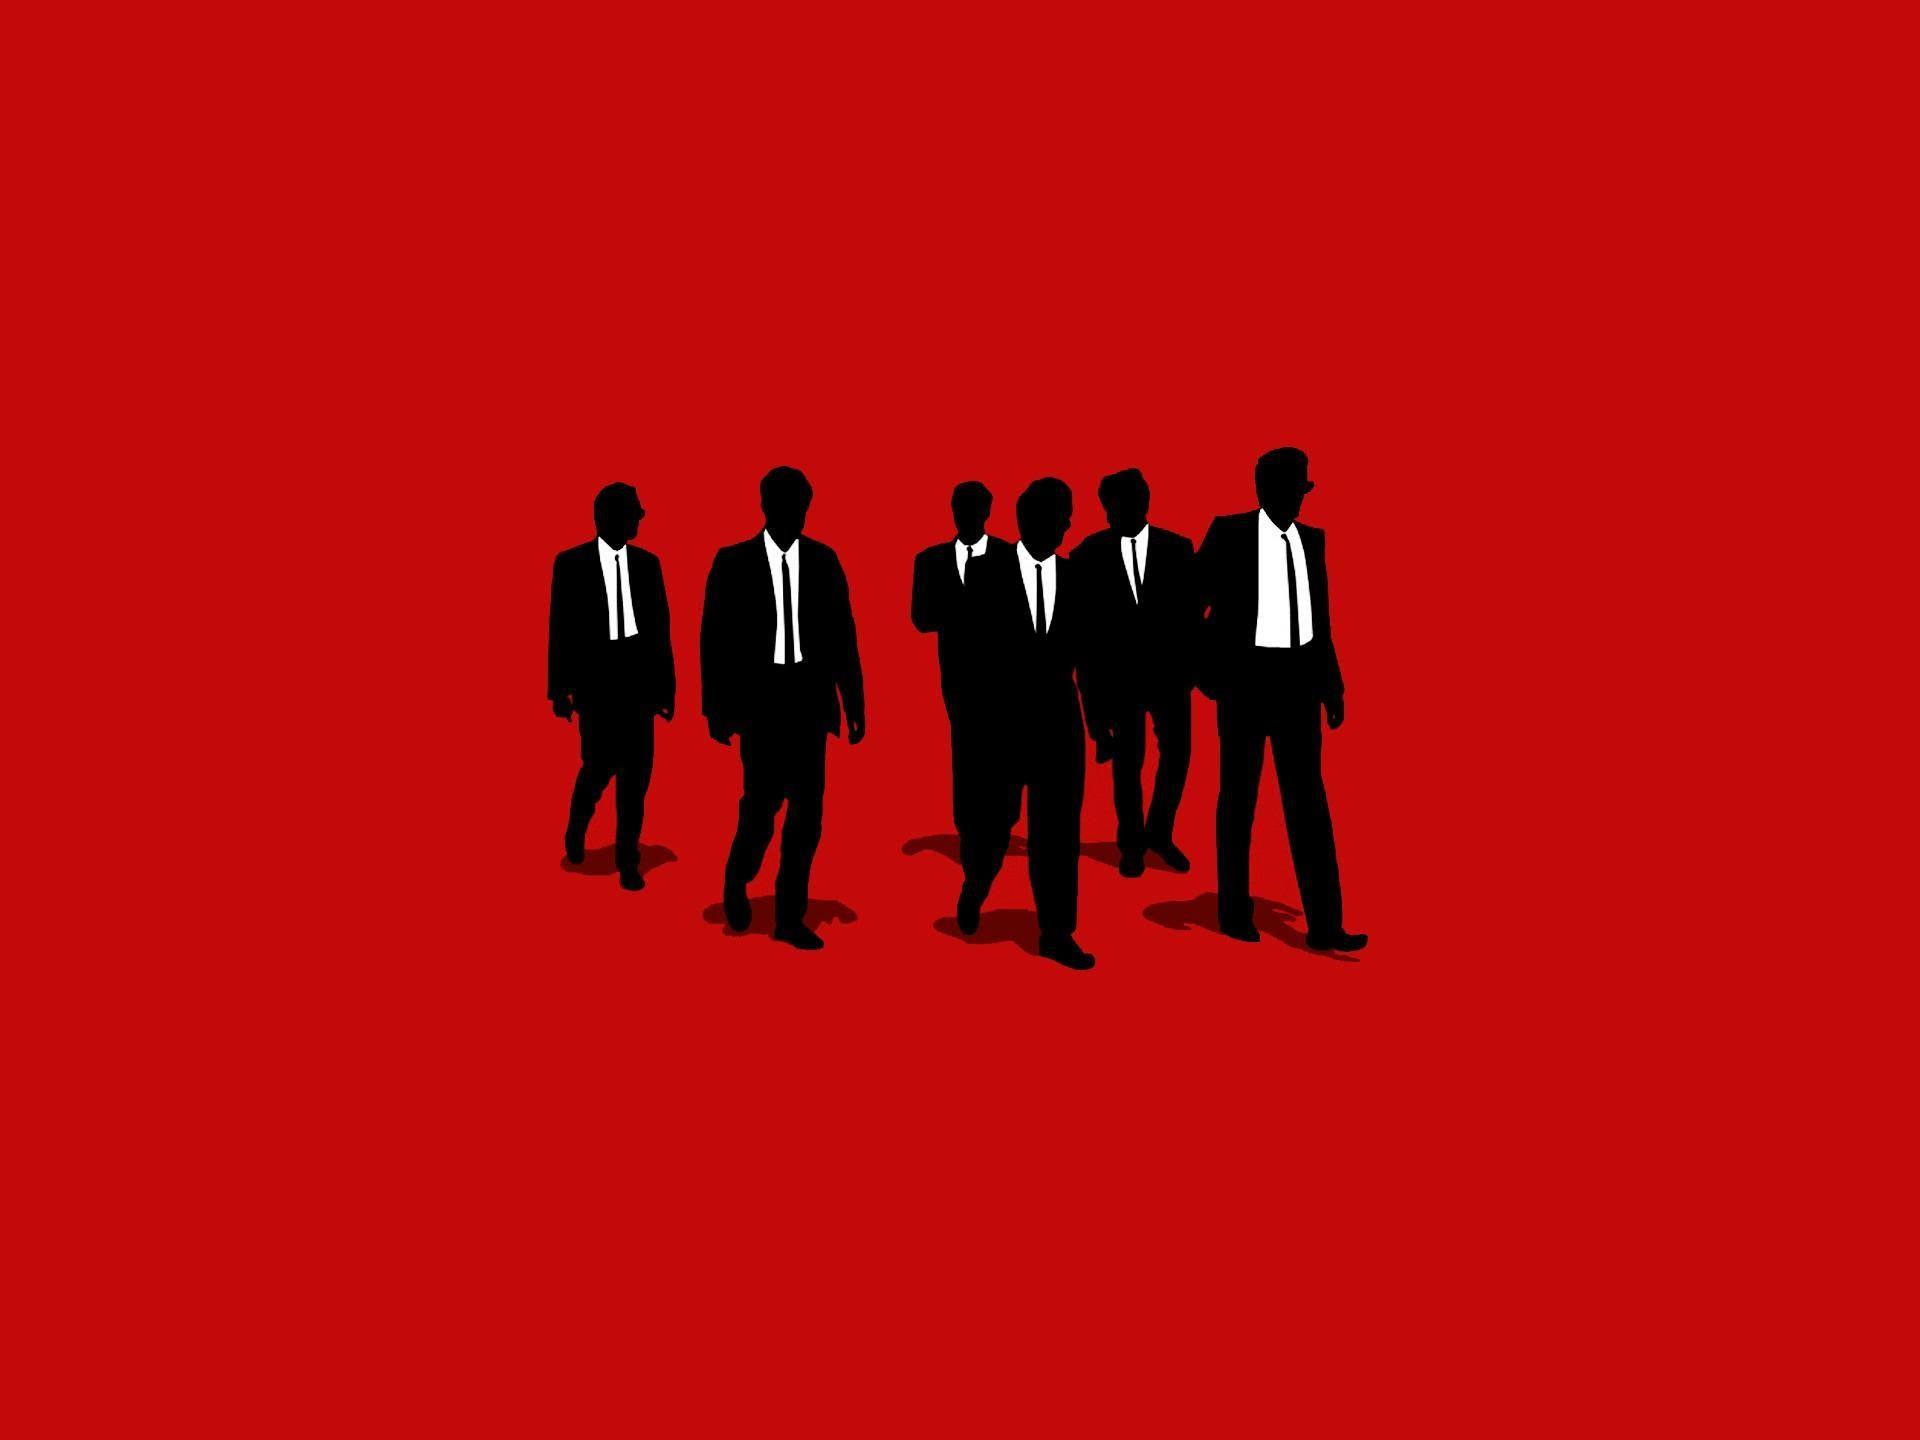 reservoir-dogs_movie_gang_entertainment_hd-wallpaper-1221549